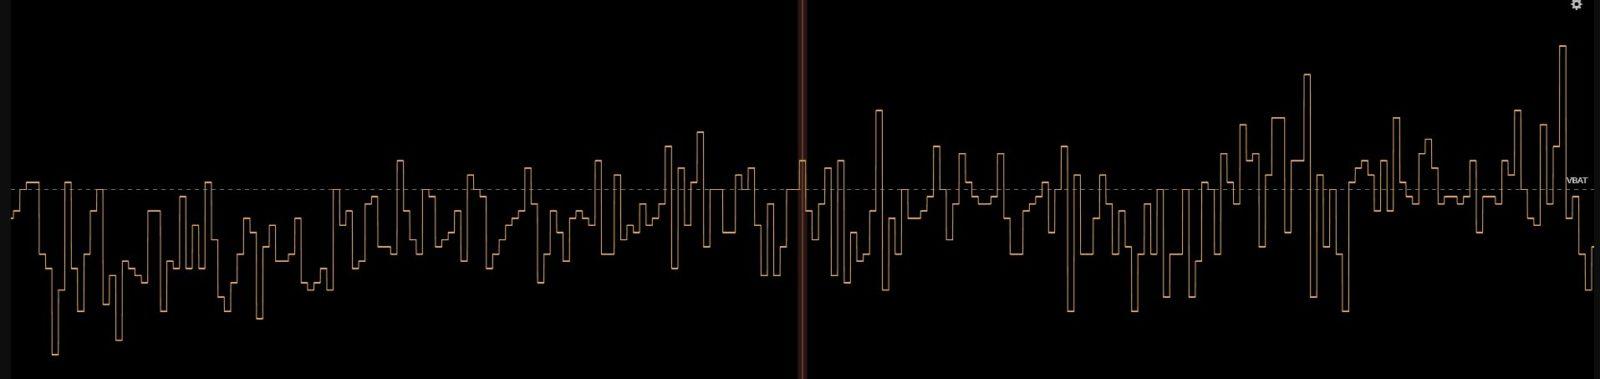 Напряжение аккумулятора, записанное в блекбоксе